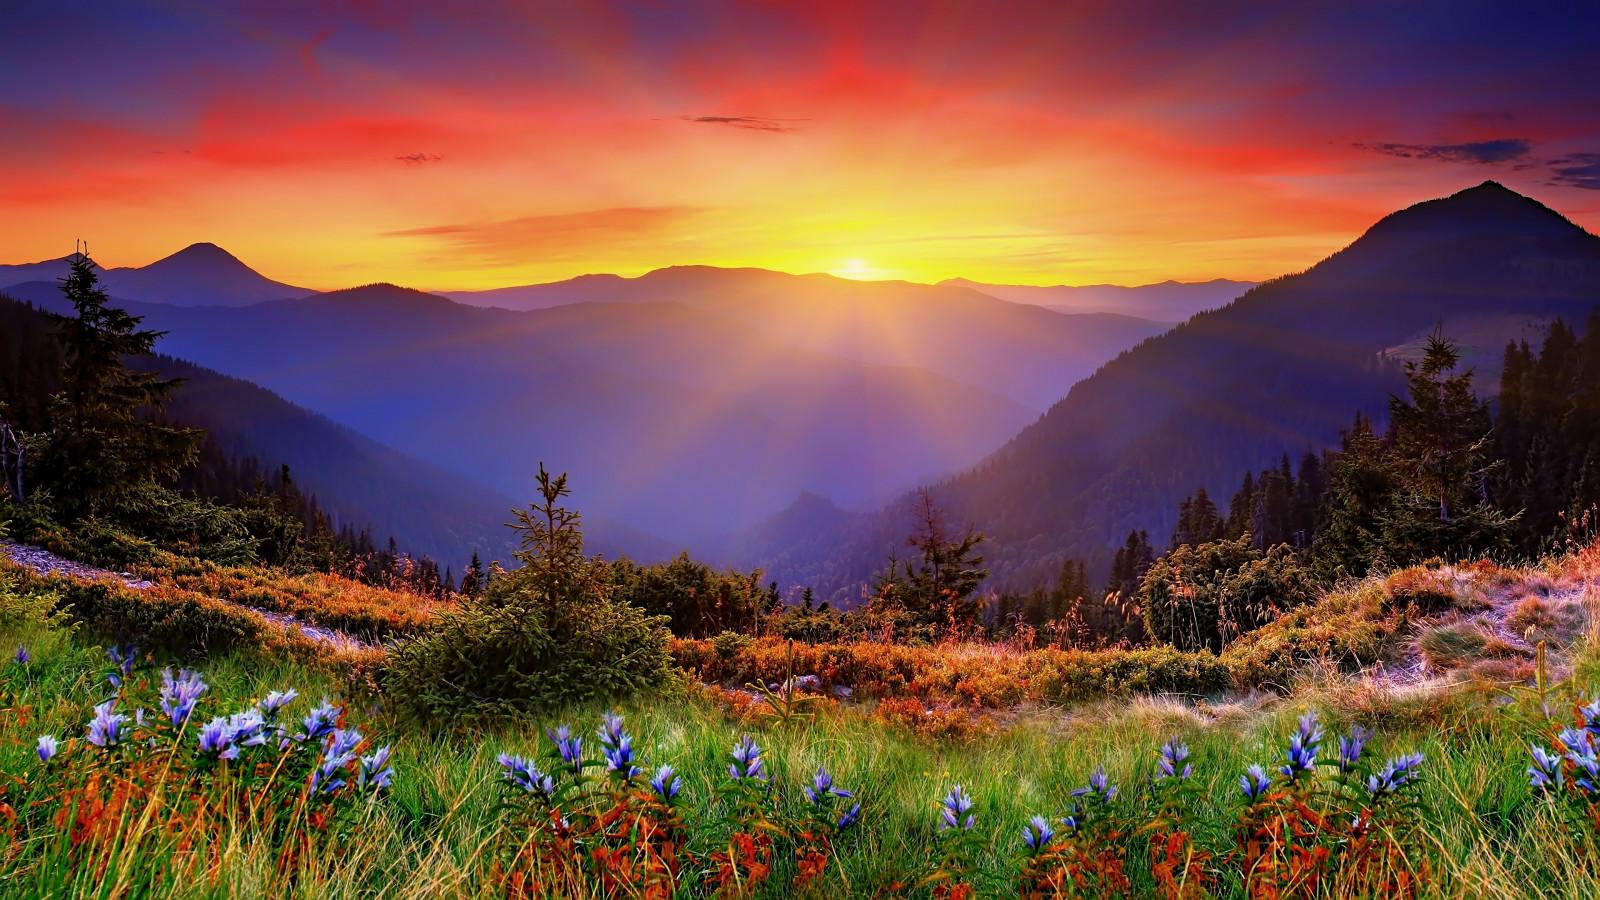 New_Zealand_landscape-46636.jpg!d